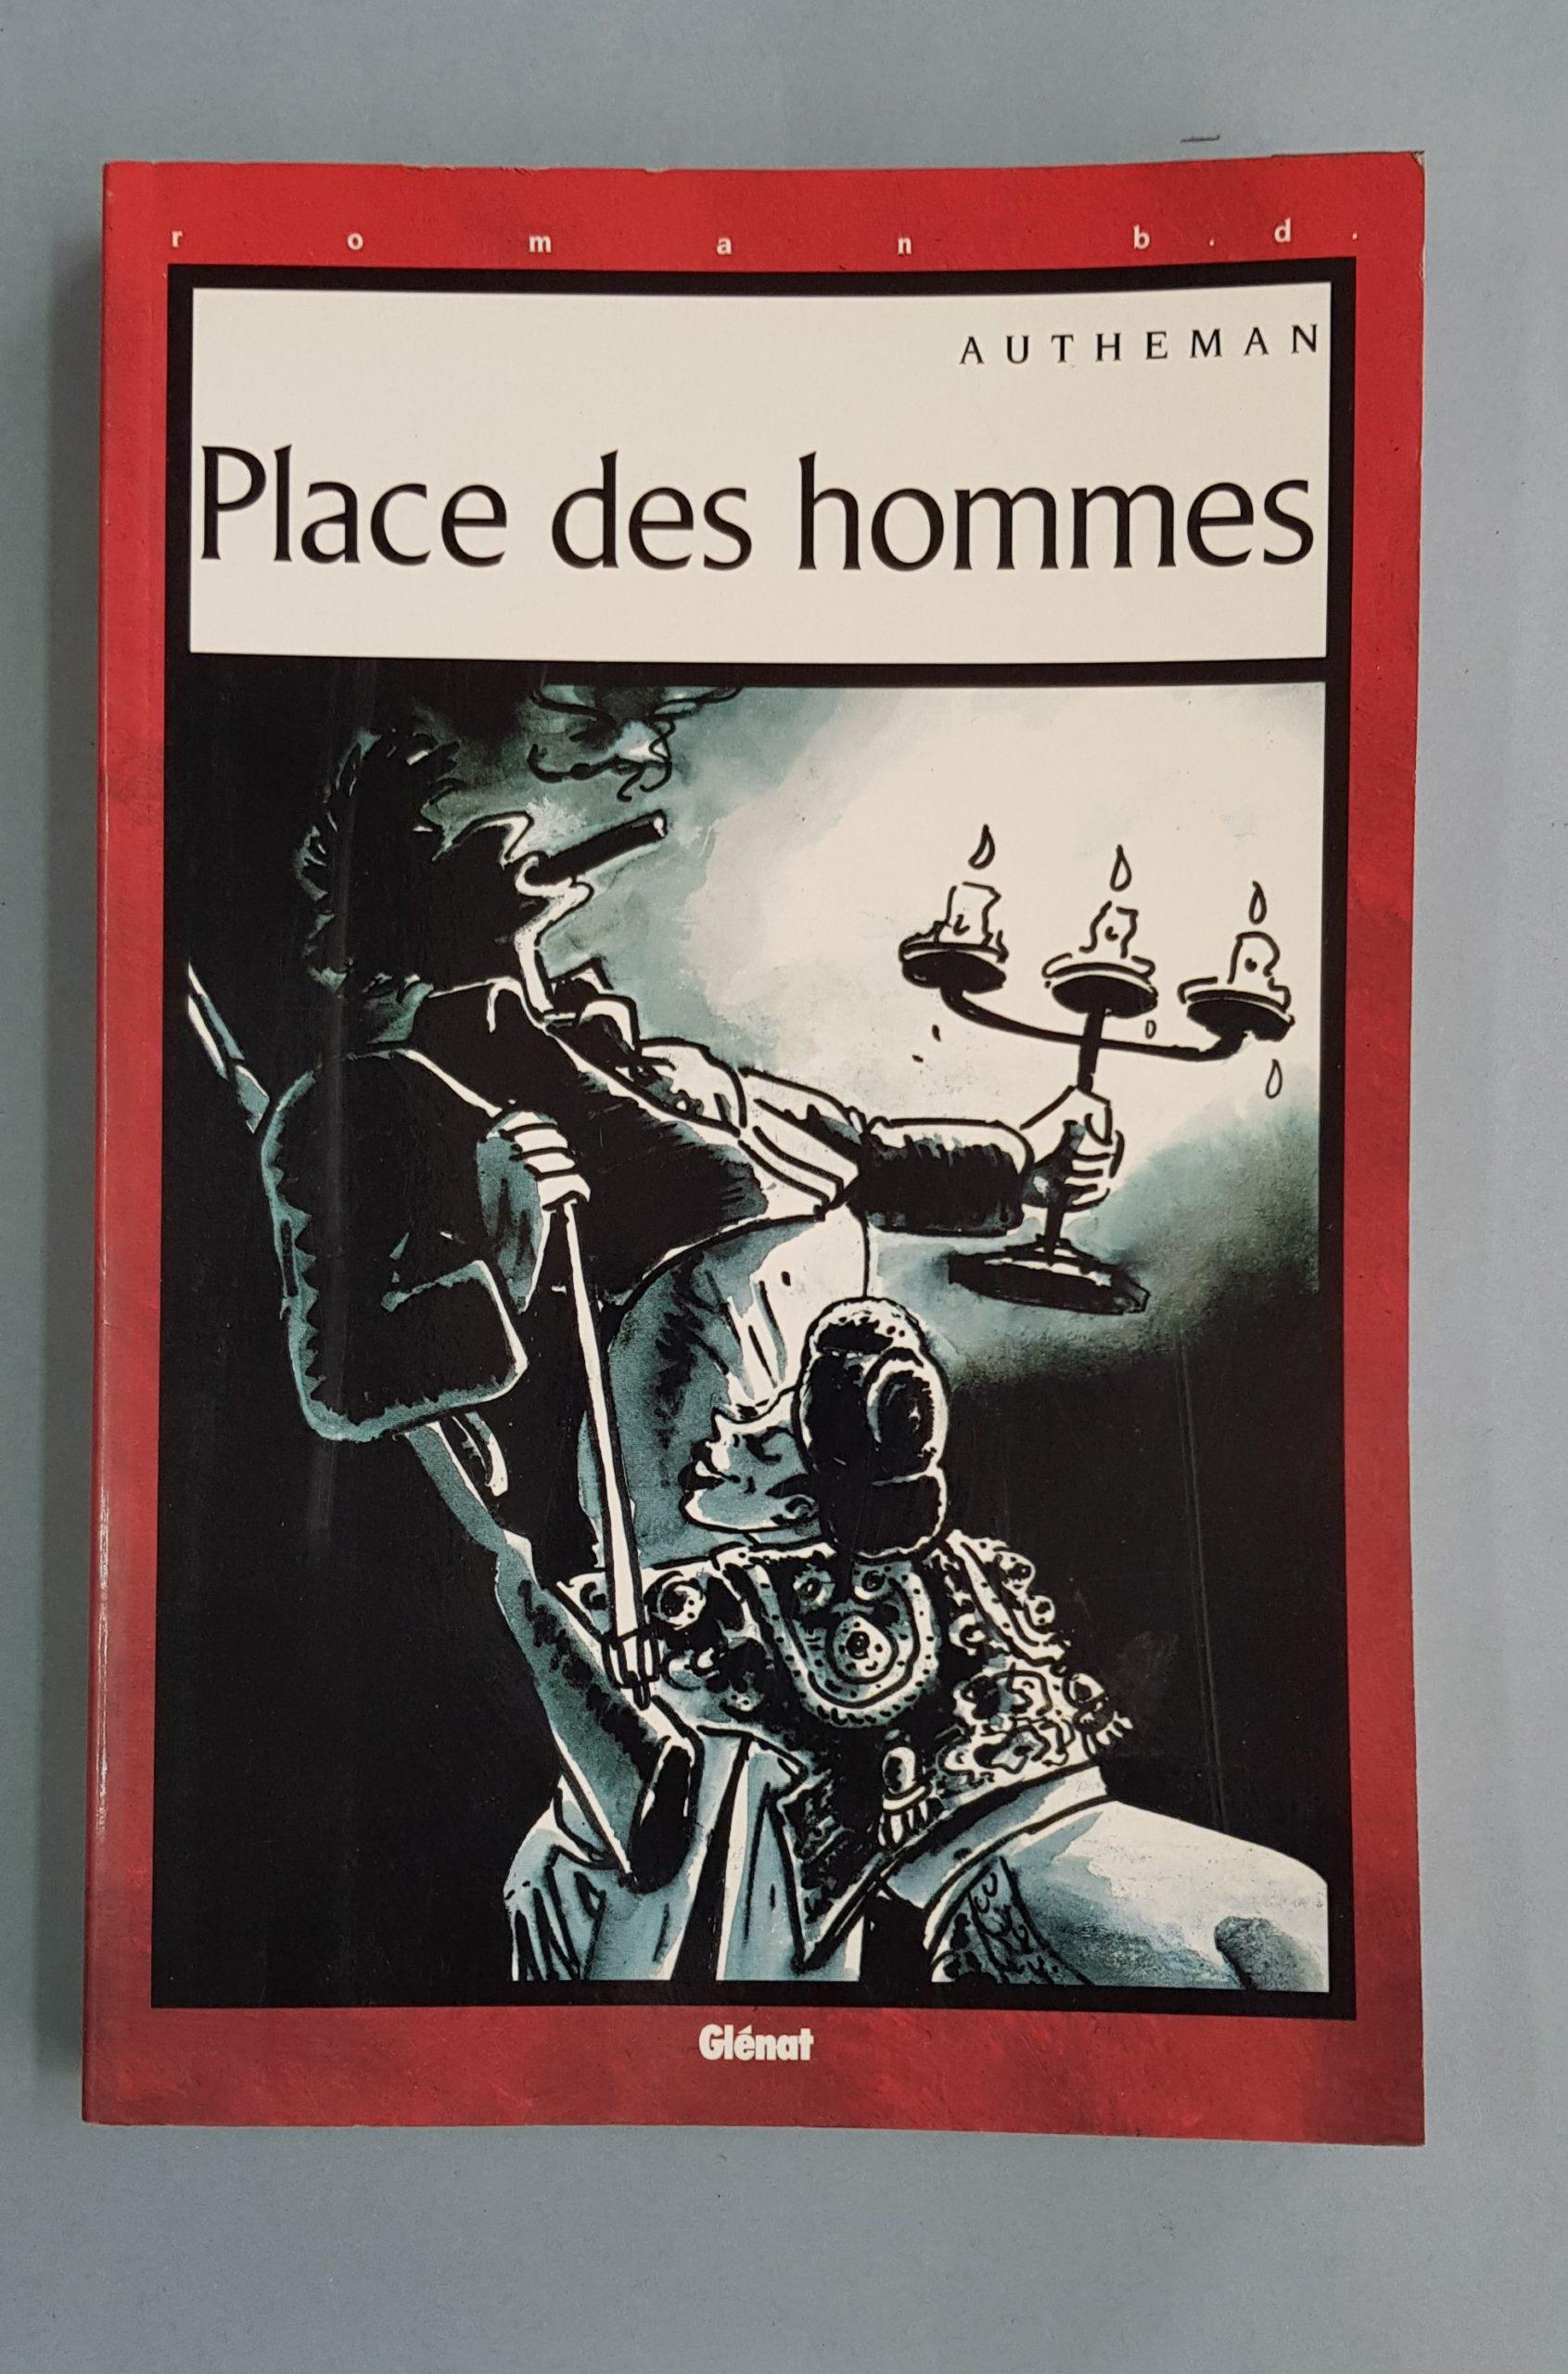 AUTHEMAN – PLACE DES HOMMES